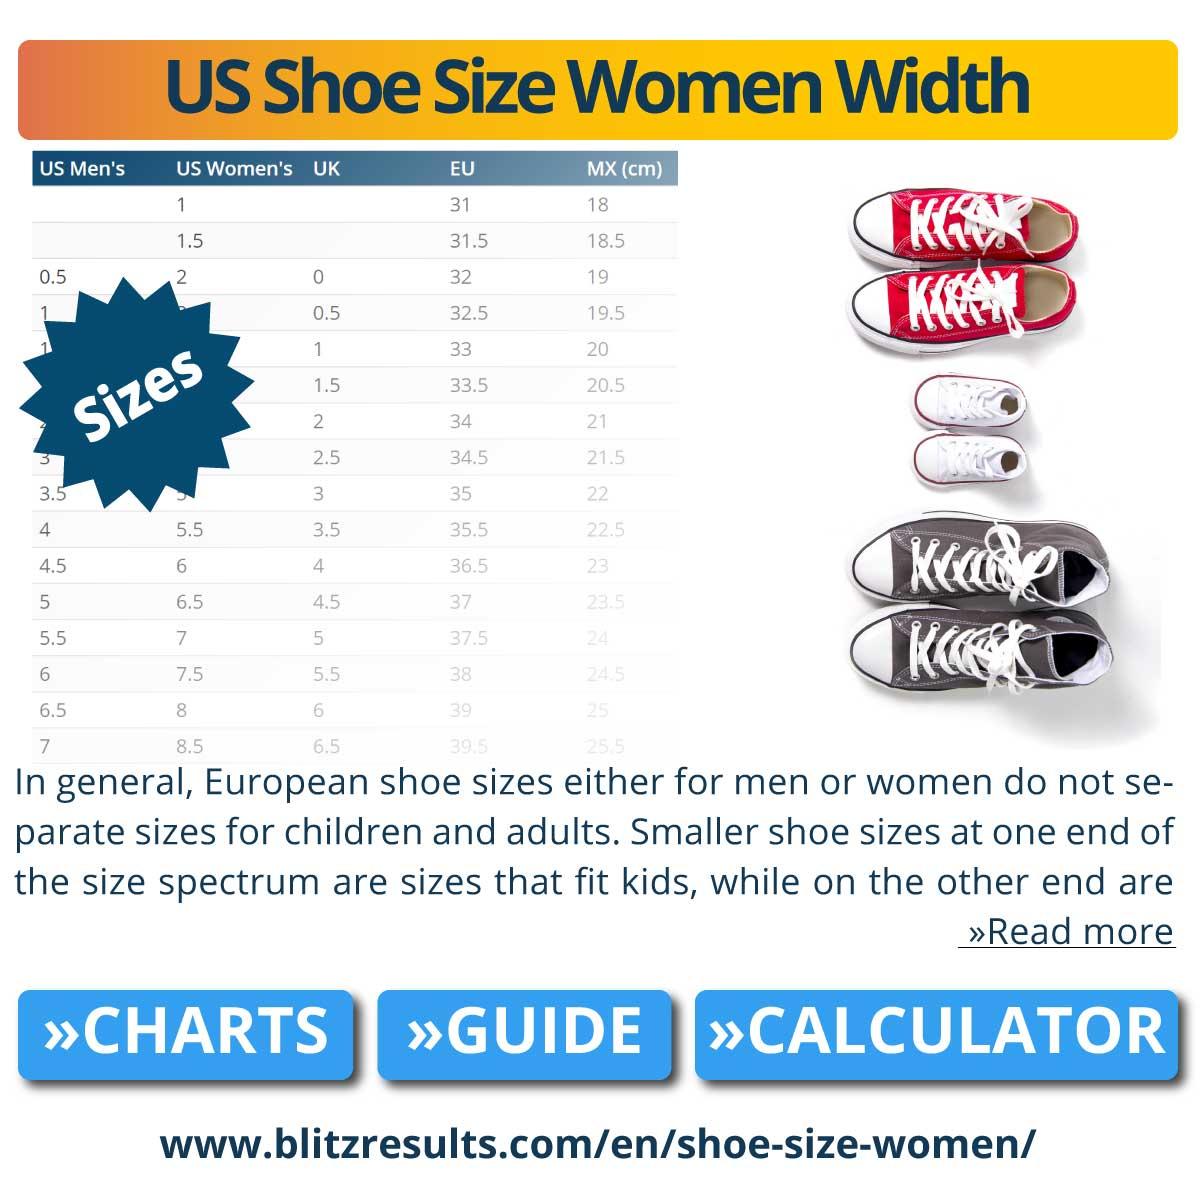 US Shoe Size Women Width